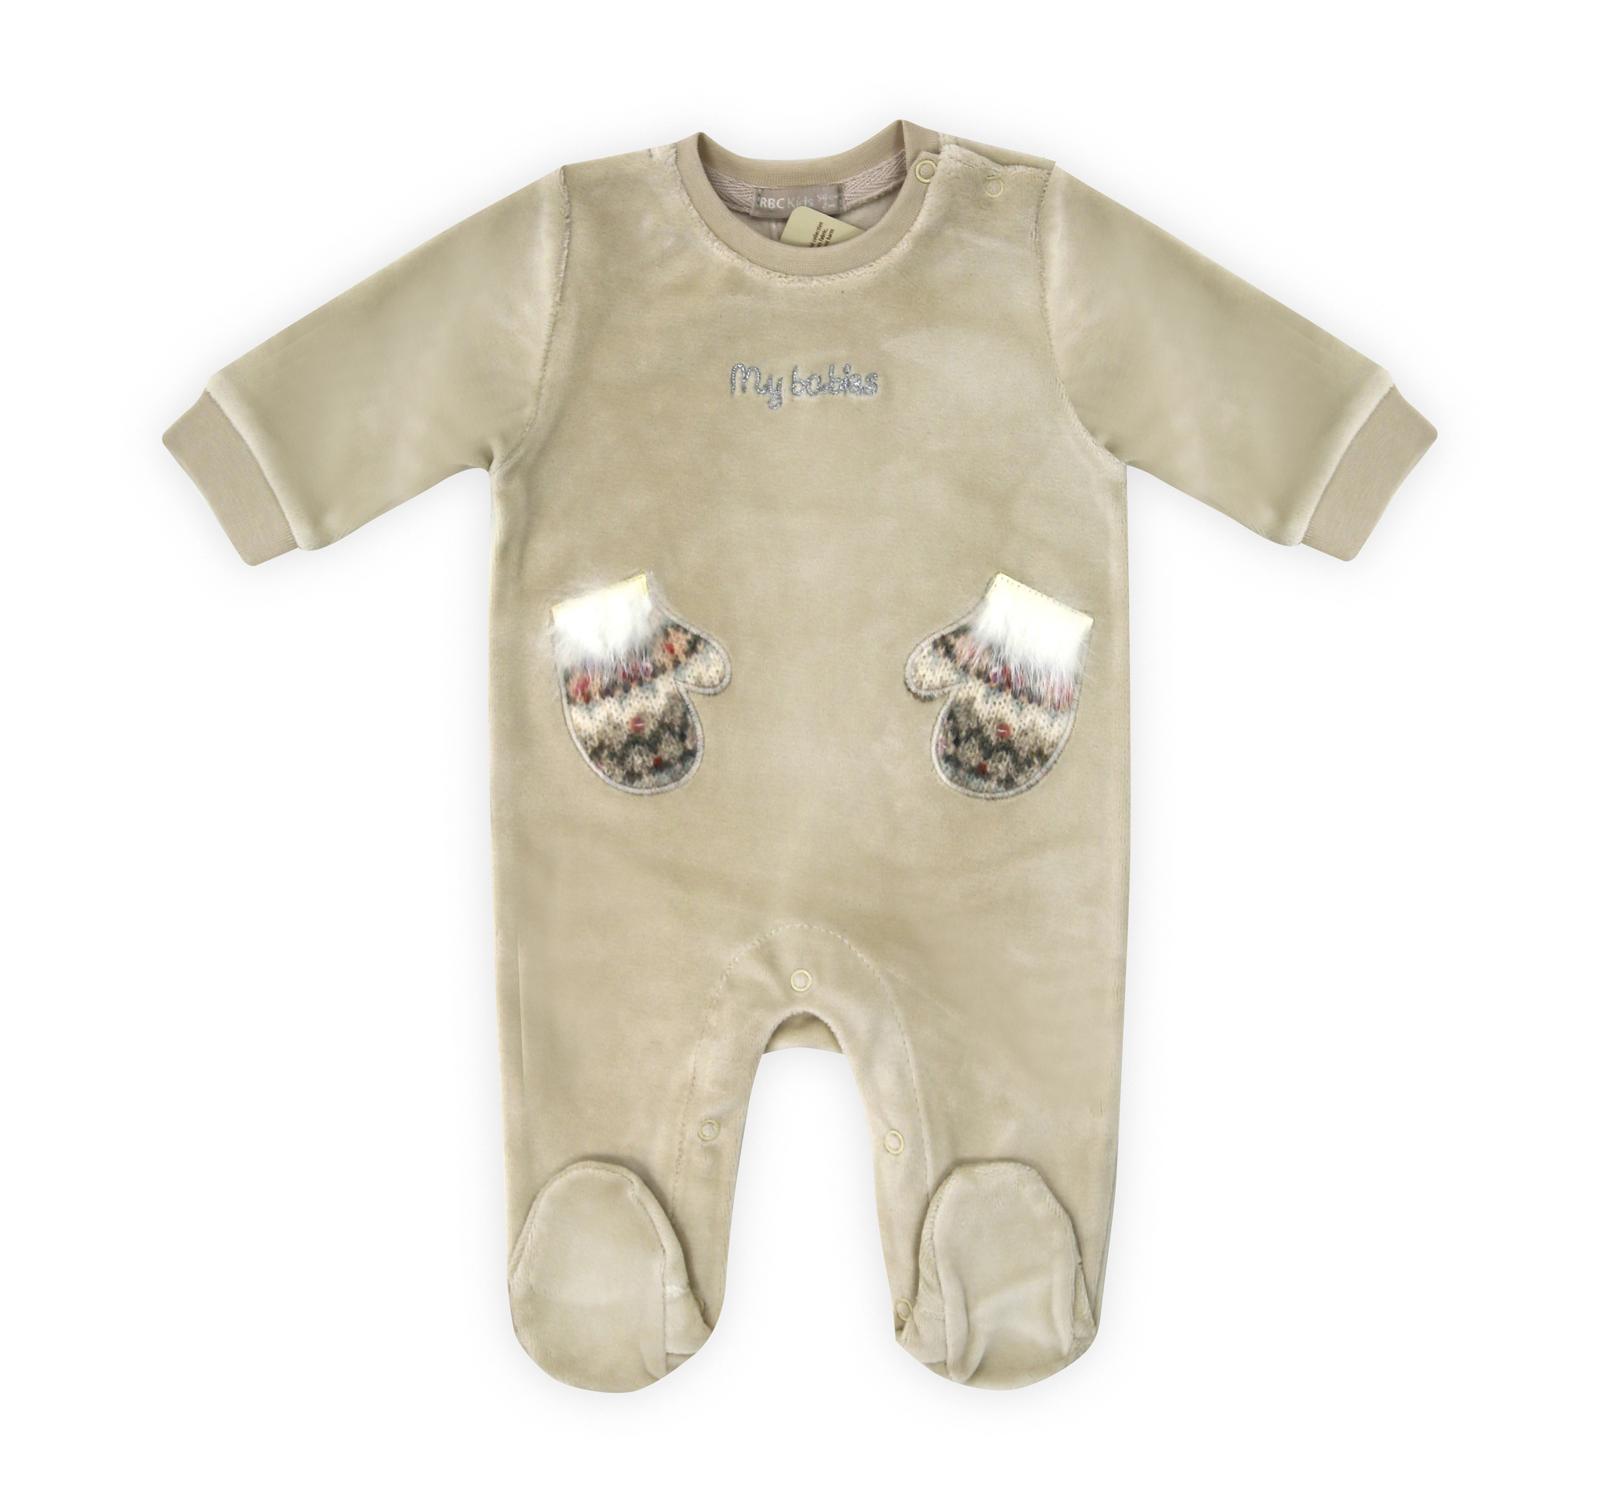 Купить Комбинезон велюр с закрытыми ножками RBC МЛ 383211 бежевый р.62, Трикотажные комбинезоны для новорожденных